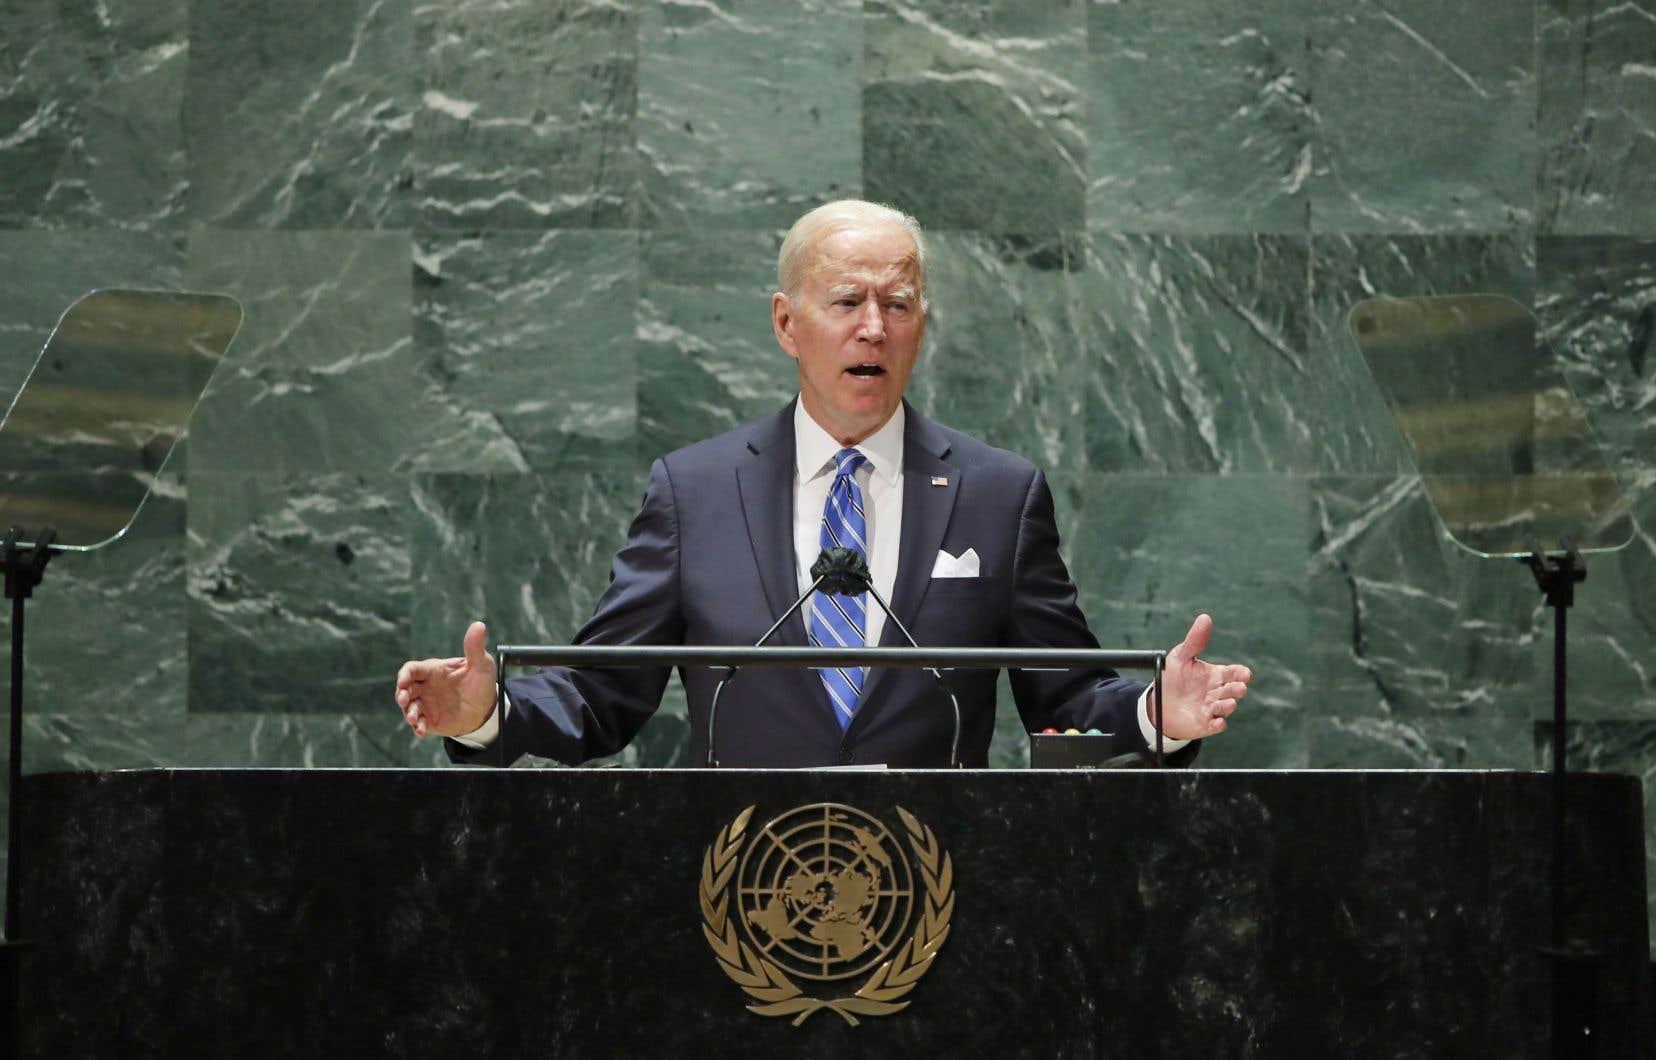 Au sortir de plusieurs semaines difficiles sur le front diplomatique autant que sur celui des affaires internes dans son pays, JoeBiden a livré mardi un discours attendu à la tribune de l'ONU, par lequel l'occupant de la Maison-Blanche a tenté de restaurer la crédibilité internationale des États-Unis.